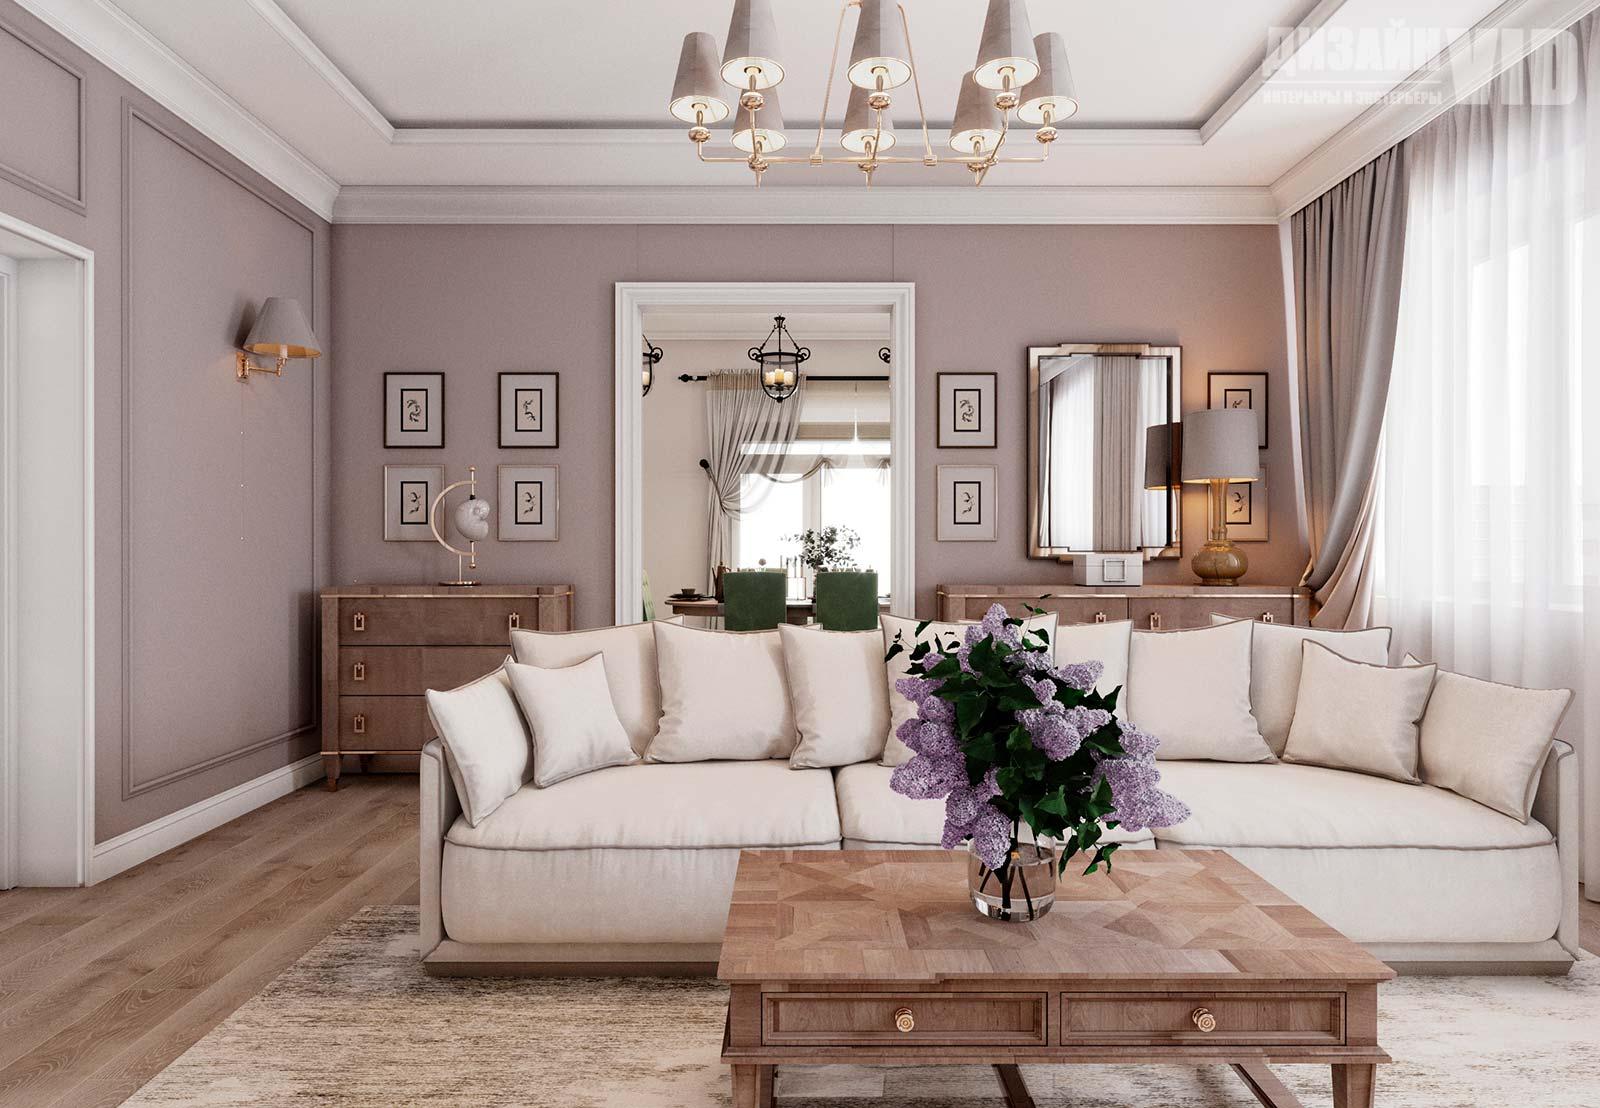 диван в центре классической гостиной